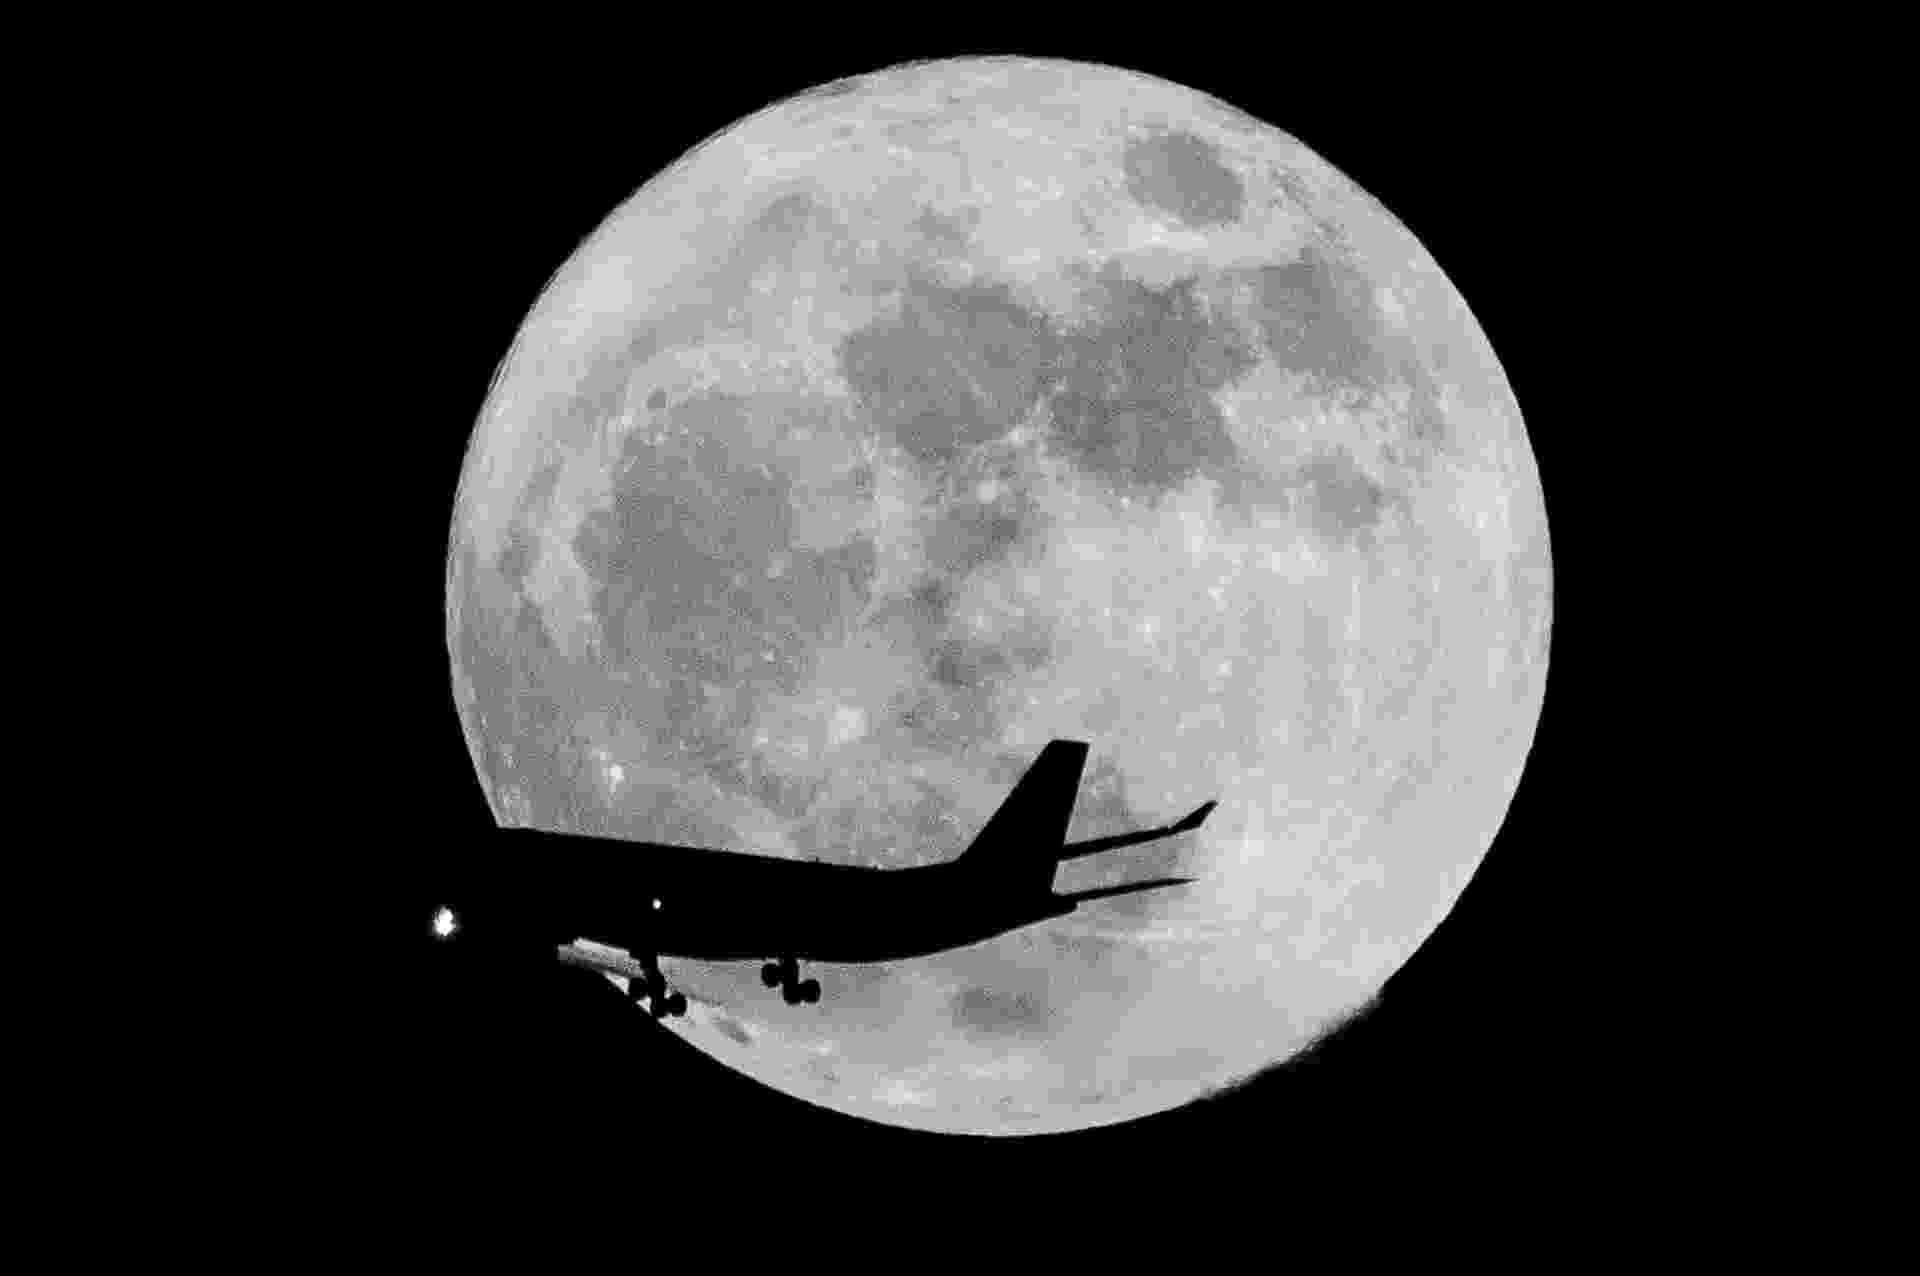 14.nov.2016 - Avião passa diante da superlua nos céus de Dubai, nos Emirados Árabes, nesta segunda-feira - Zhang Shumin/Xinhua